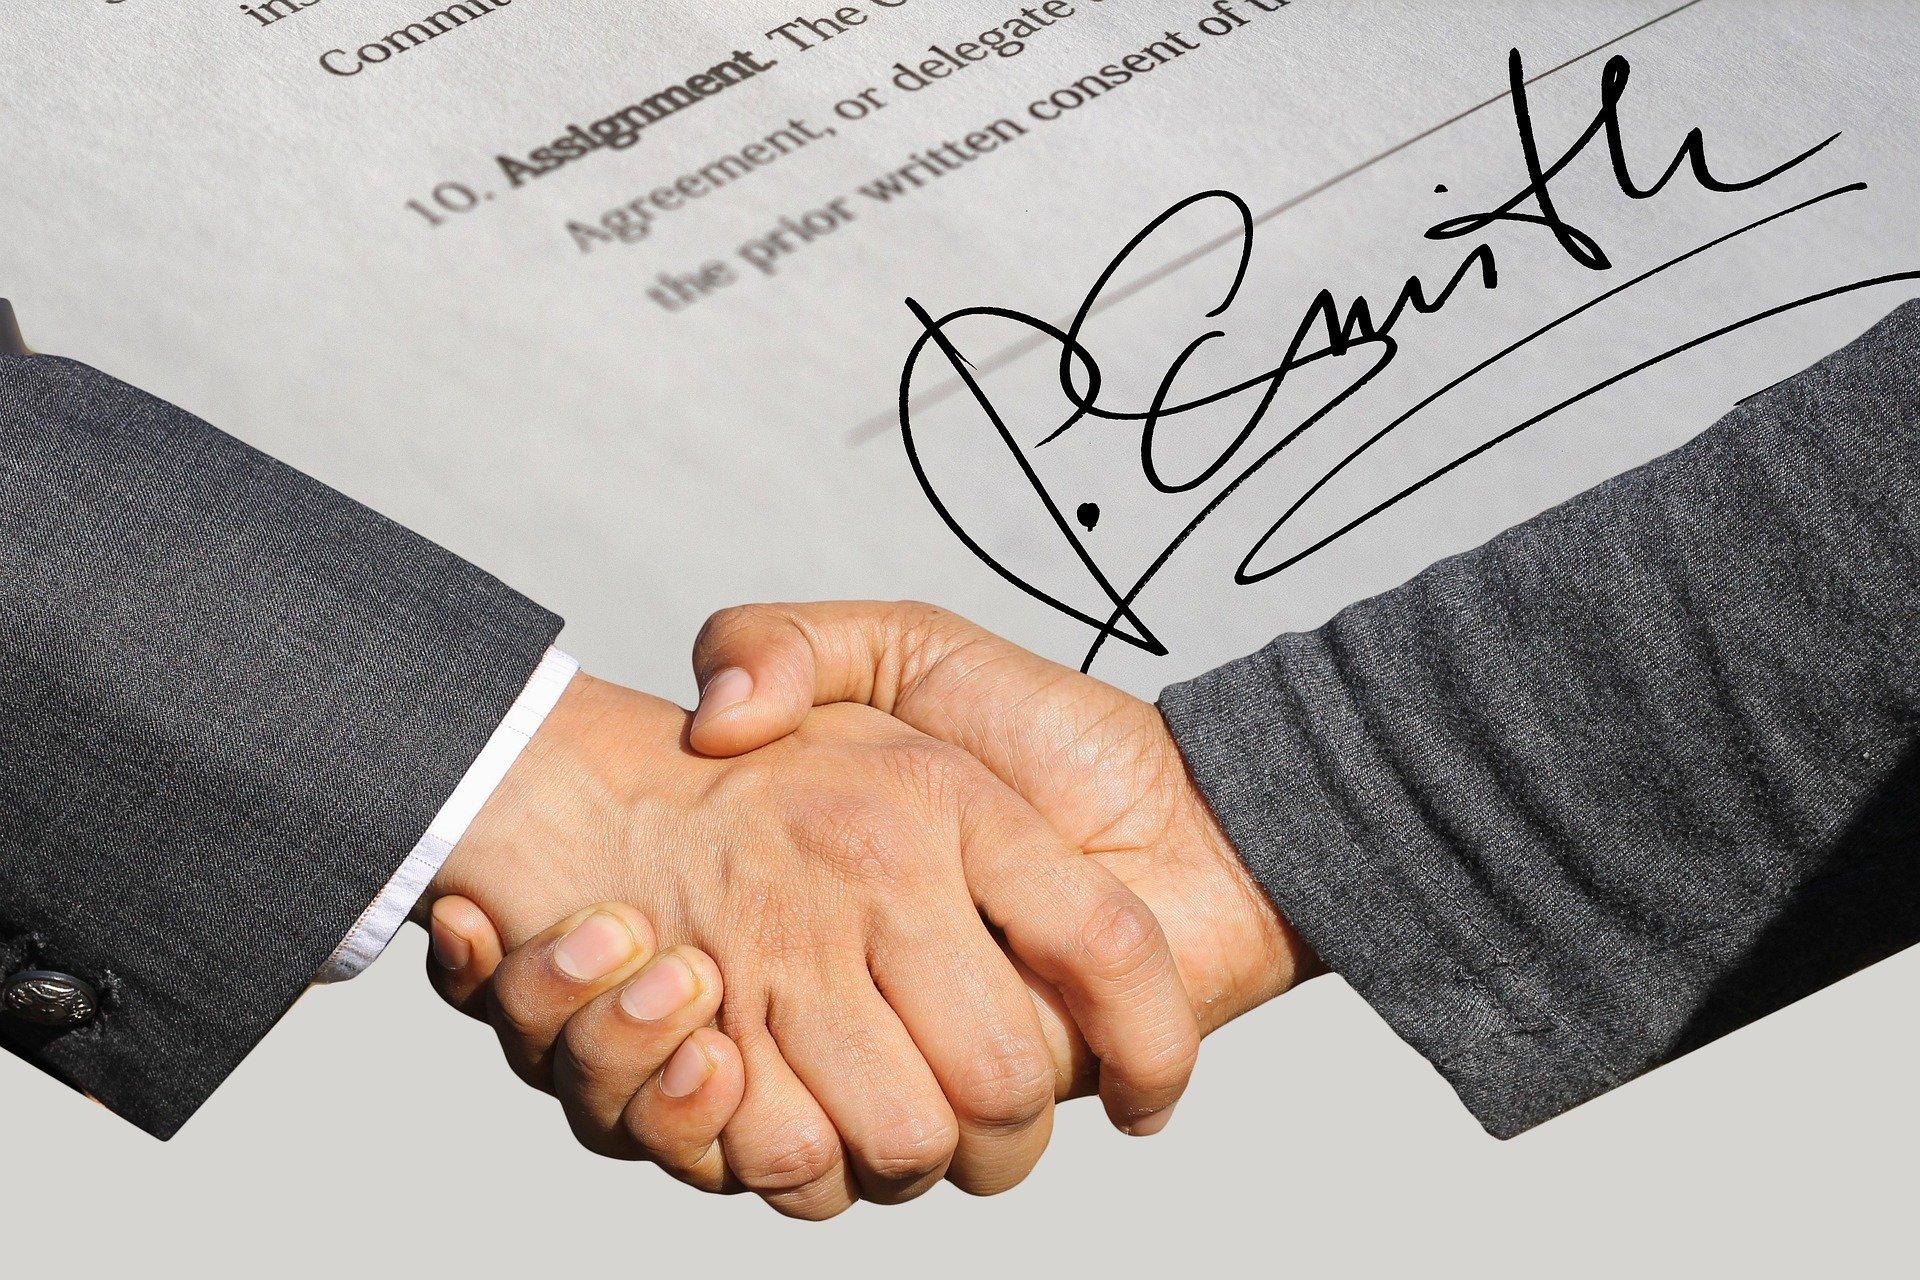 日印の物品役務相互提供協定(ACSA)署名が意味するもの